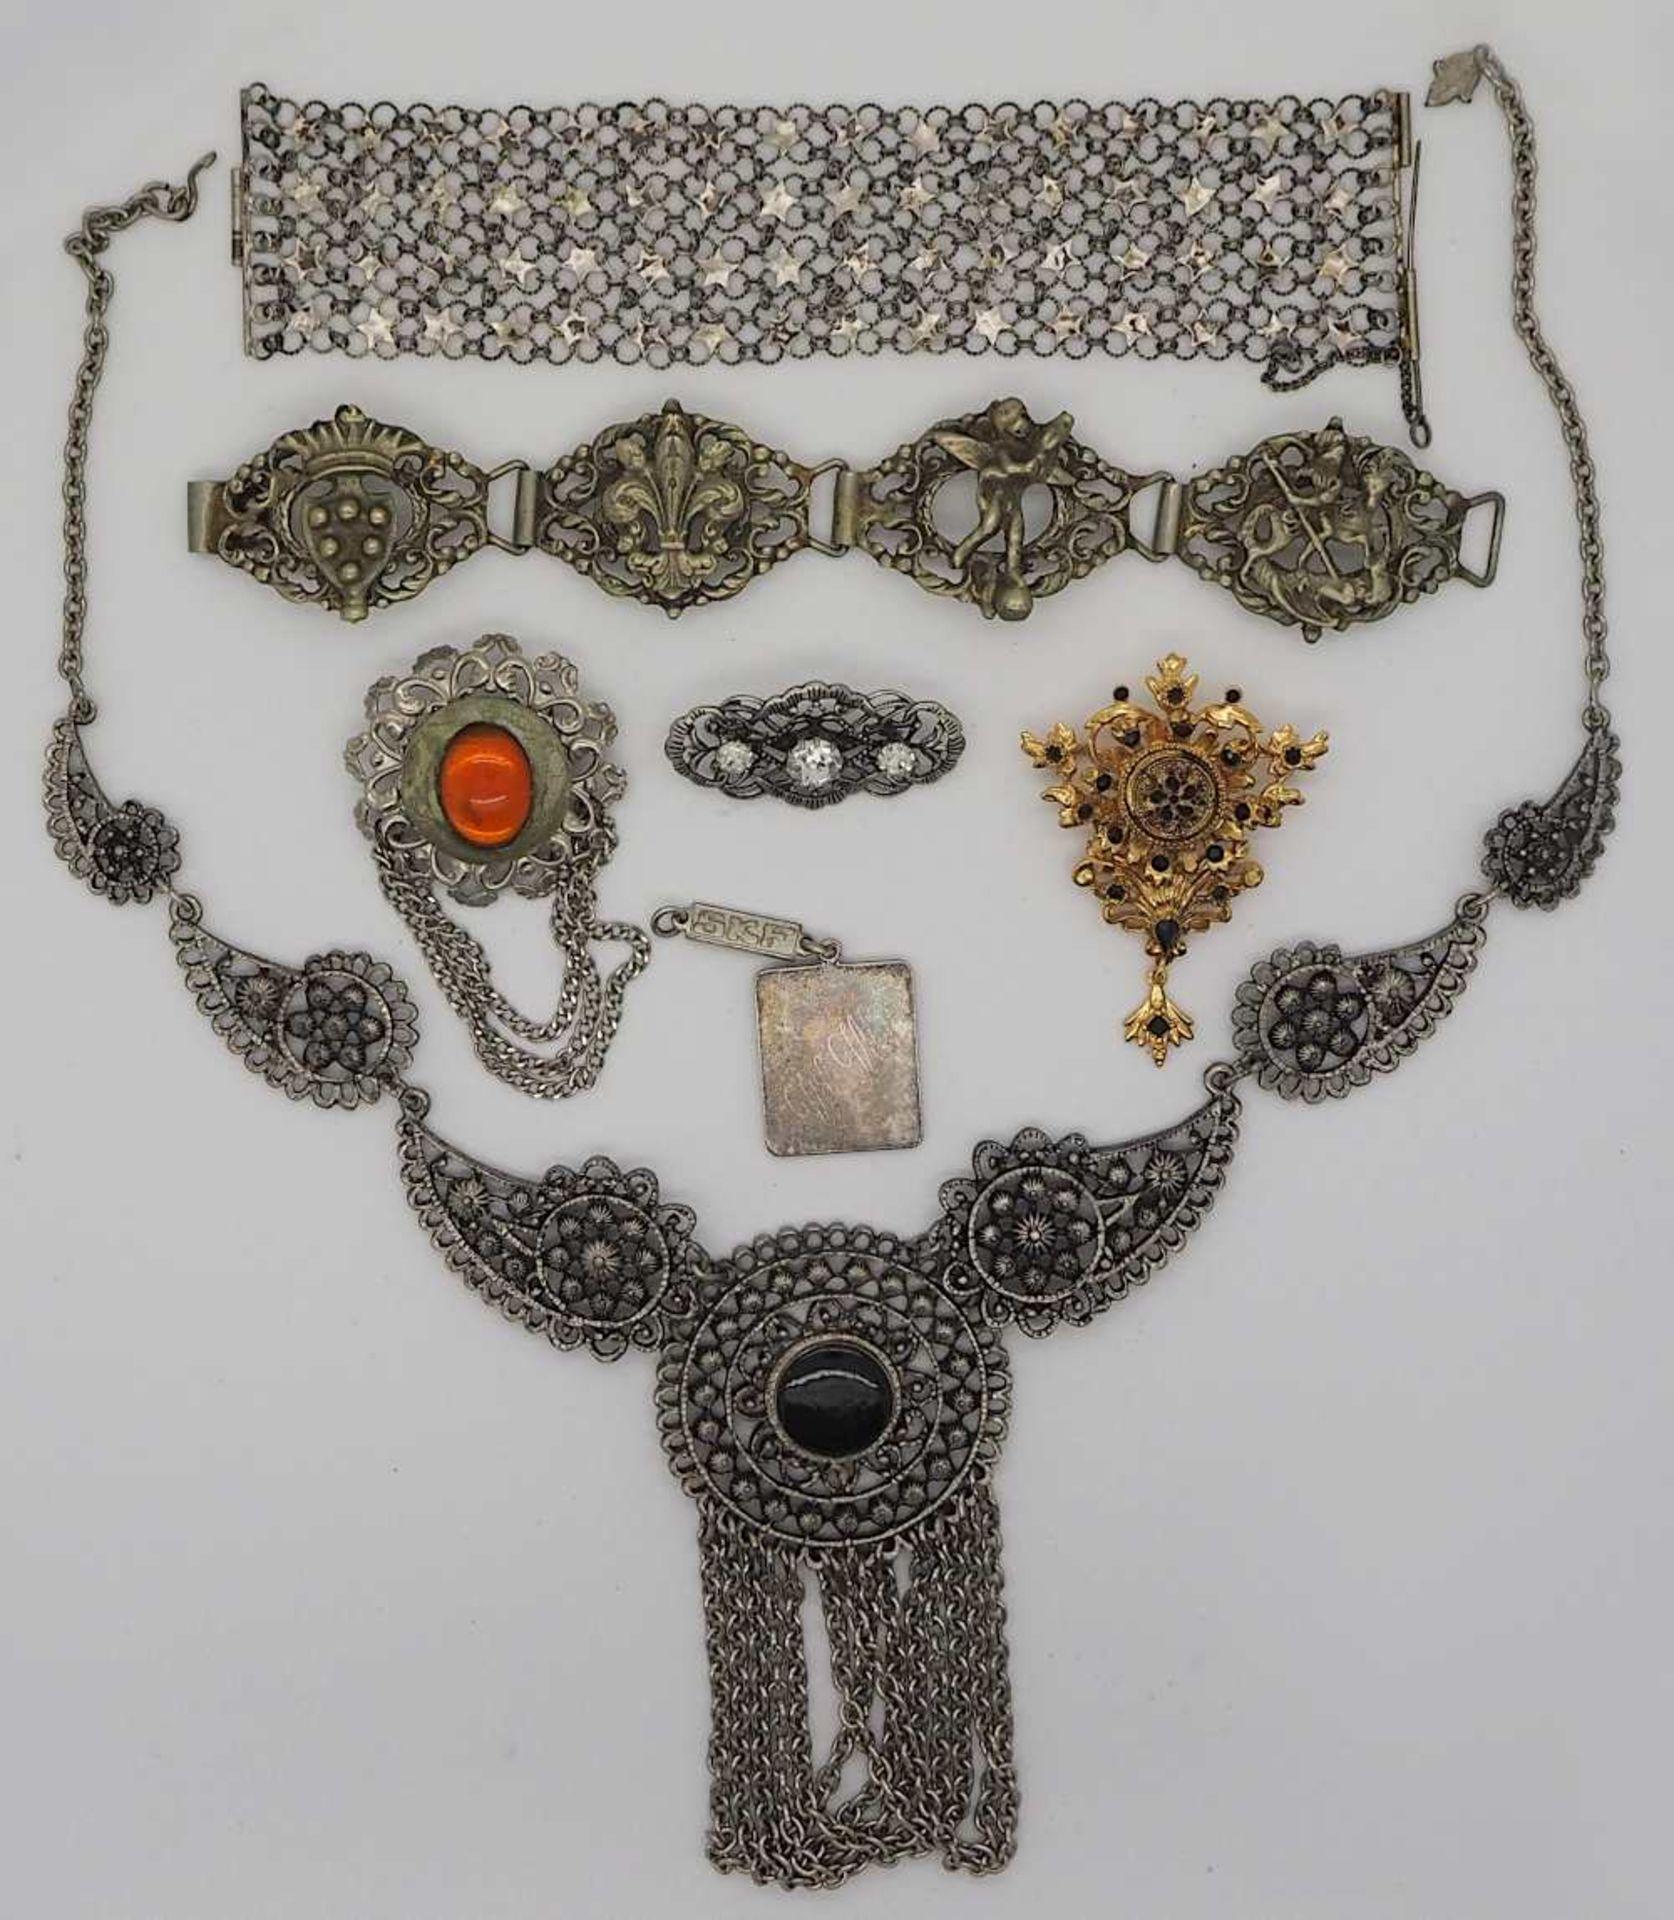 1 Konv. Schmuck Silber/Mode u.a., z.T. Biedermeier, min. GG 8ct. Granate u.a. - Bild 2 aus 3